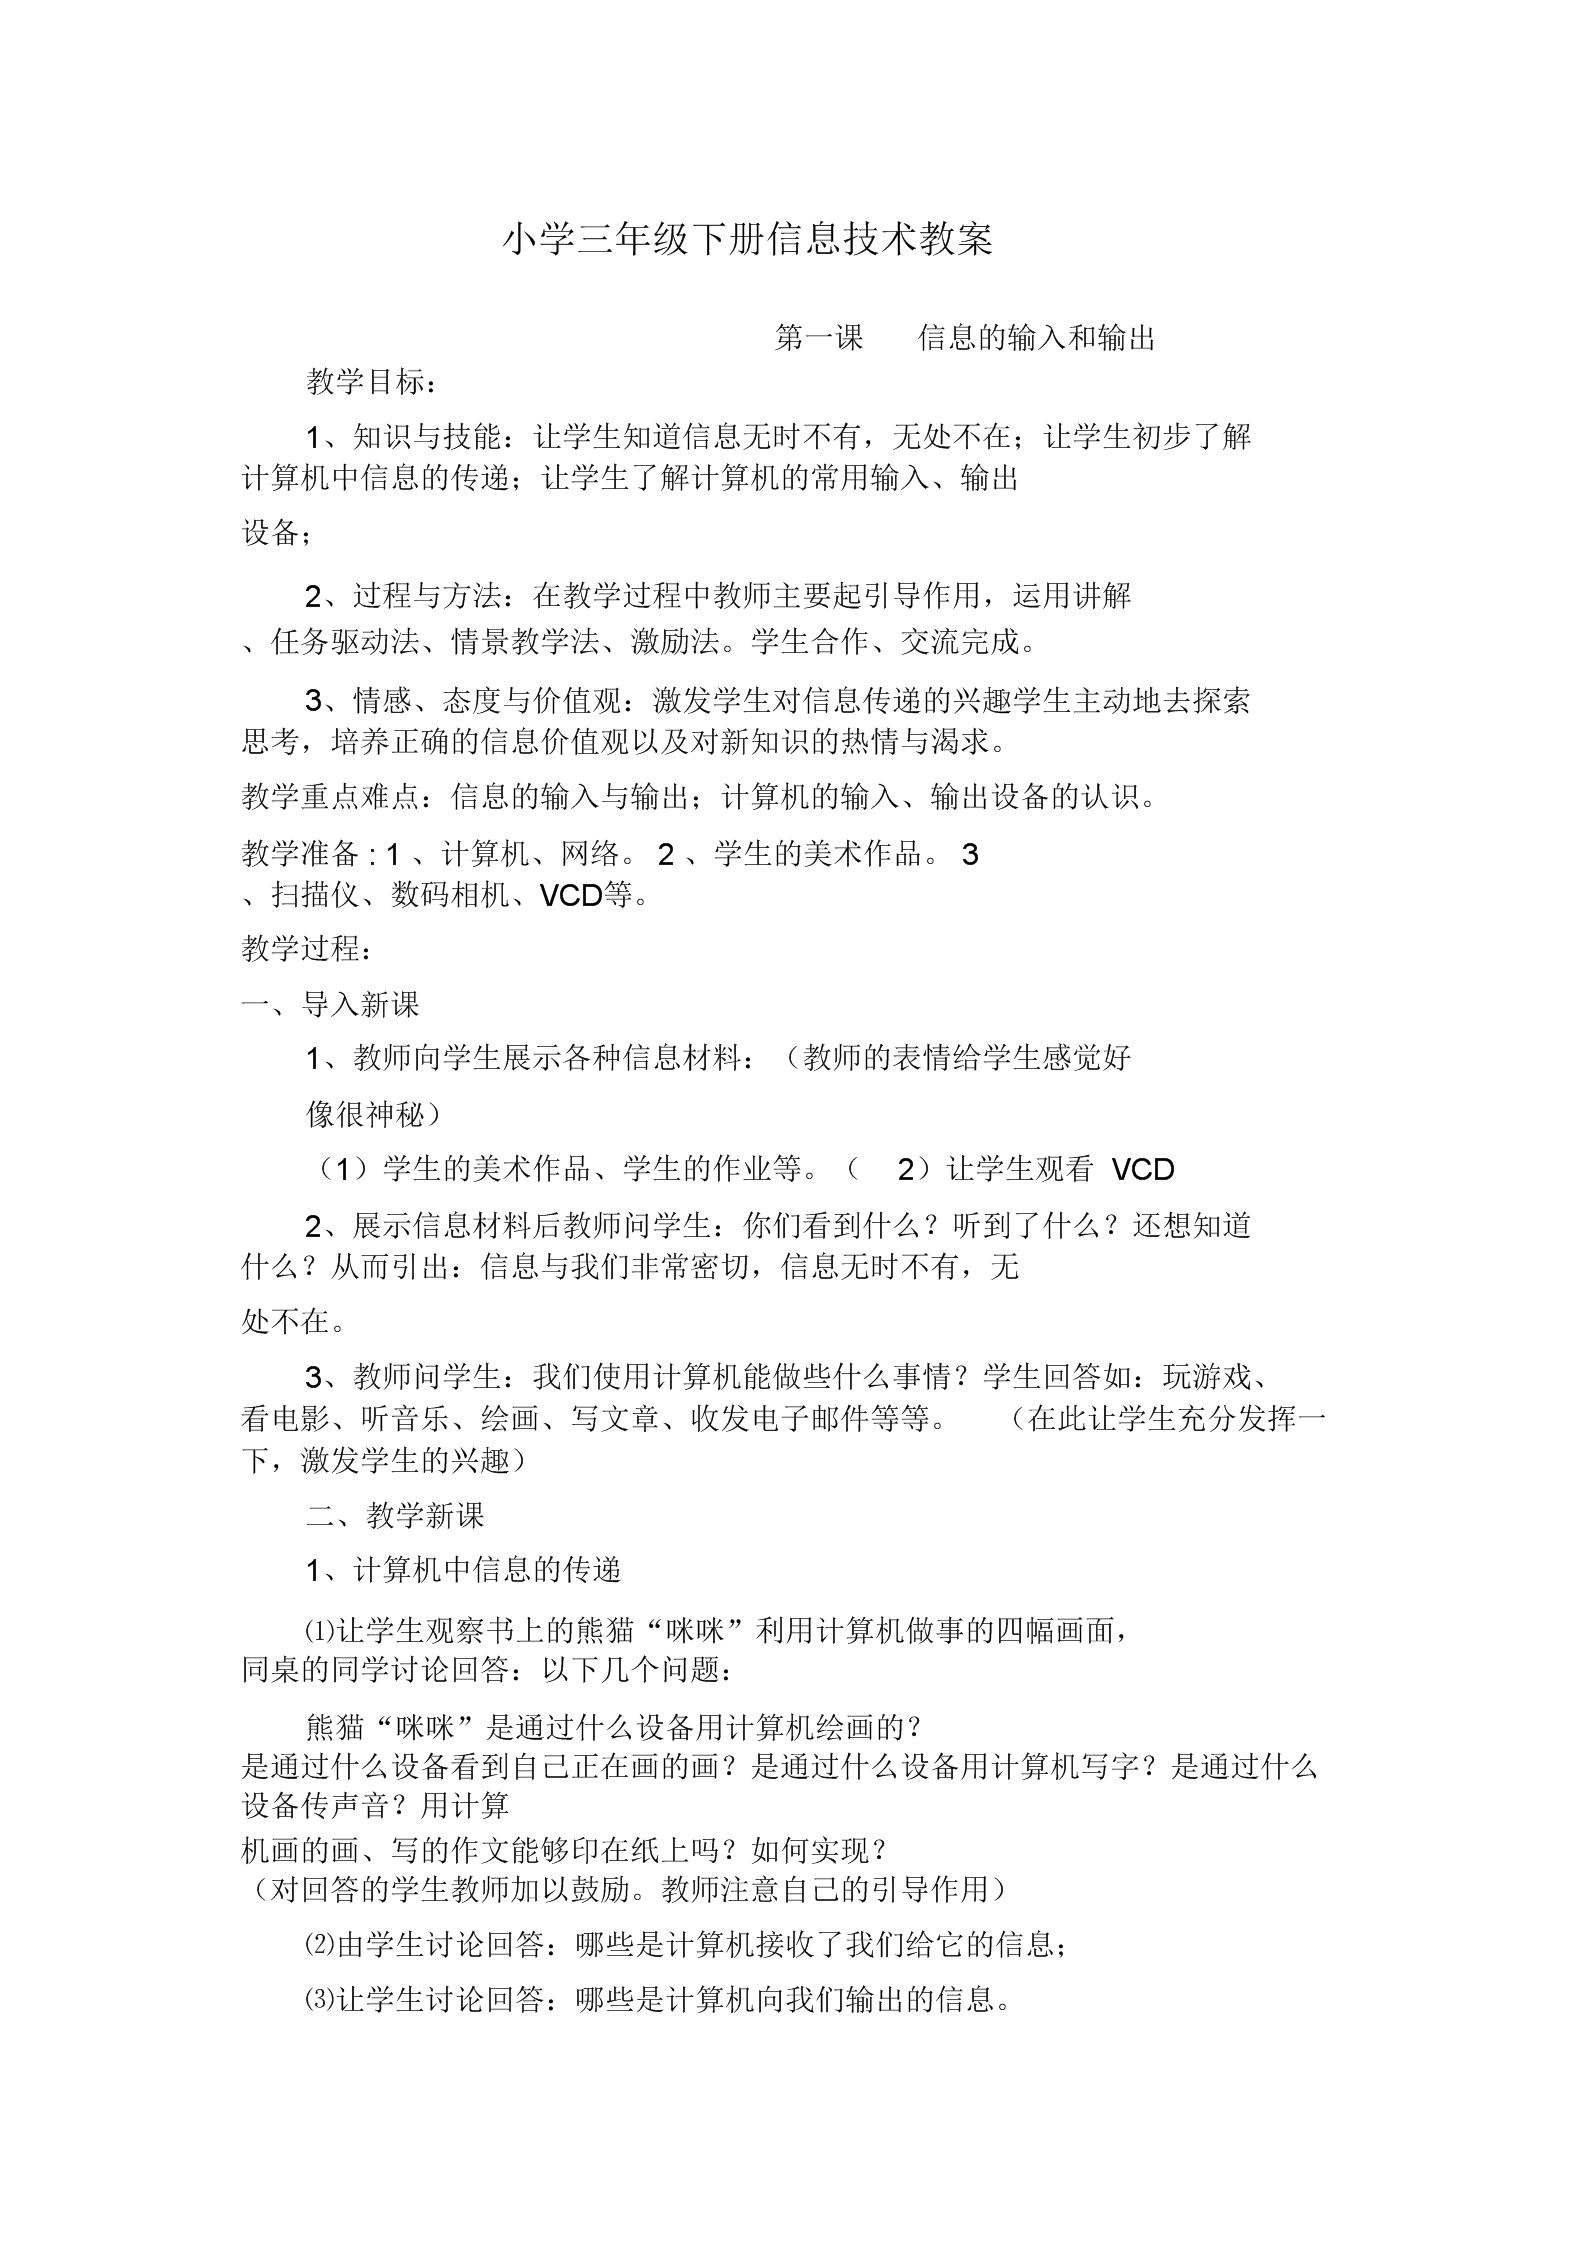 (完整)人教版三年级下册信息技术教案.doc